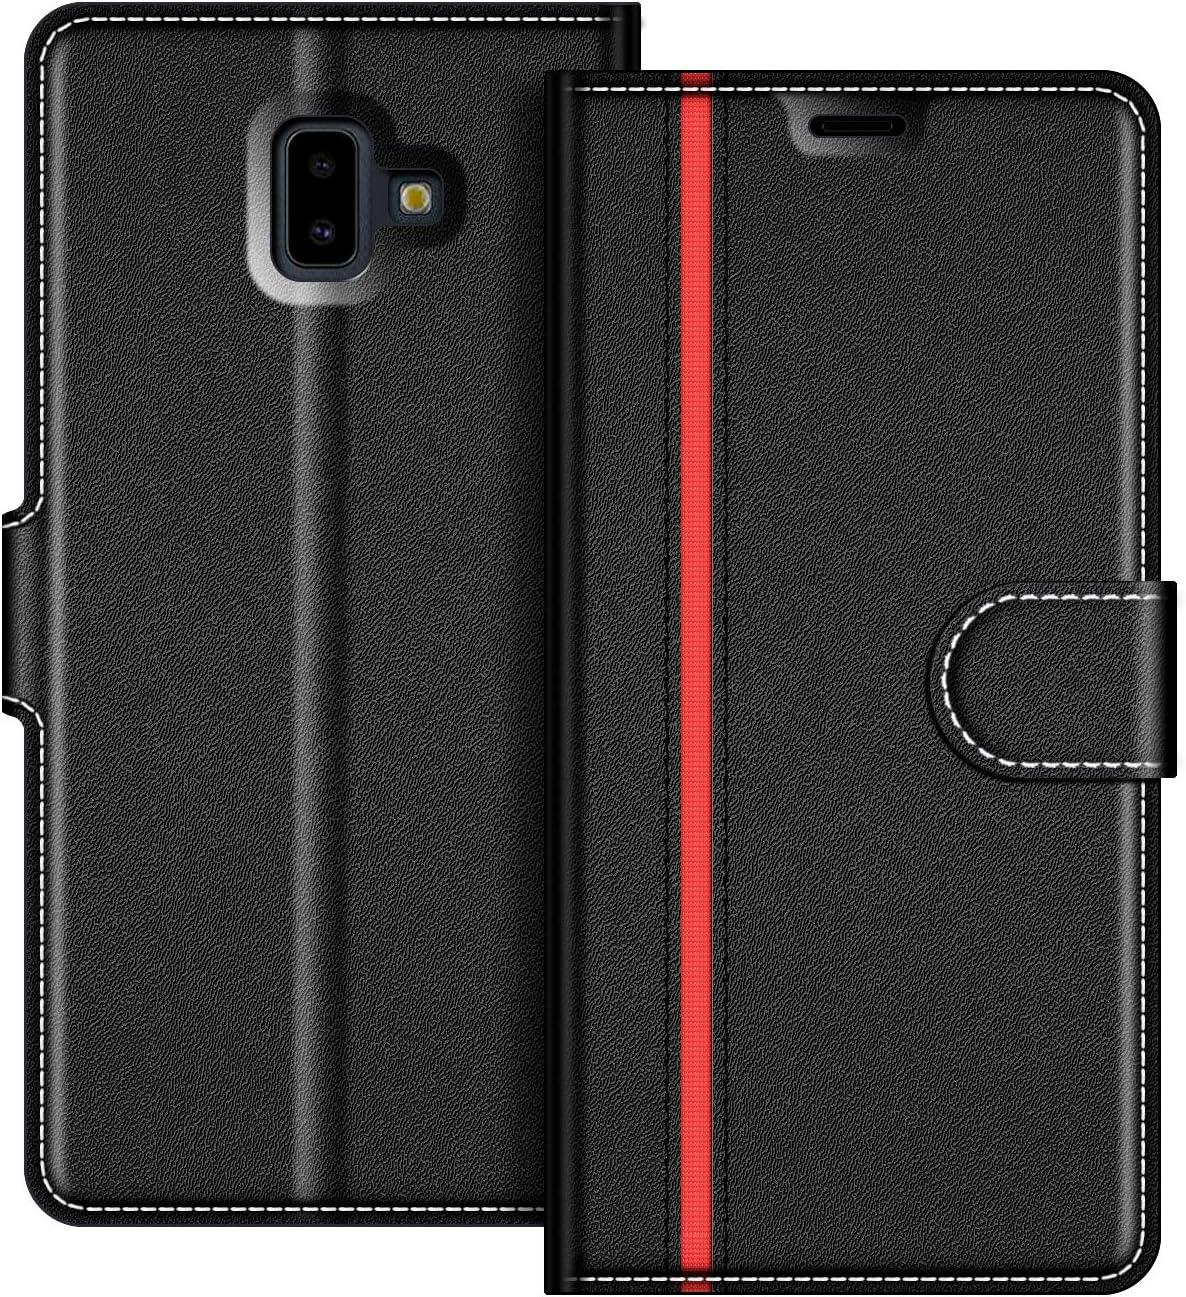 COODIO Funda Samsung Galaxy J6 Plus con Tapa, Funda Movil Samsung J6 Plus, Funda Libro Galaxy J6 Plus Carcasa Magnético Funda para Samsung Galaxy J6 Plus 2018, Negro/Rojo: Amazon.es: Electrónica